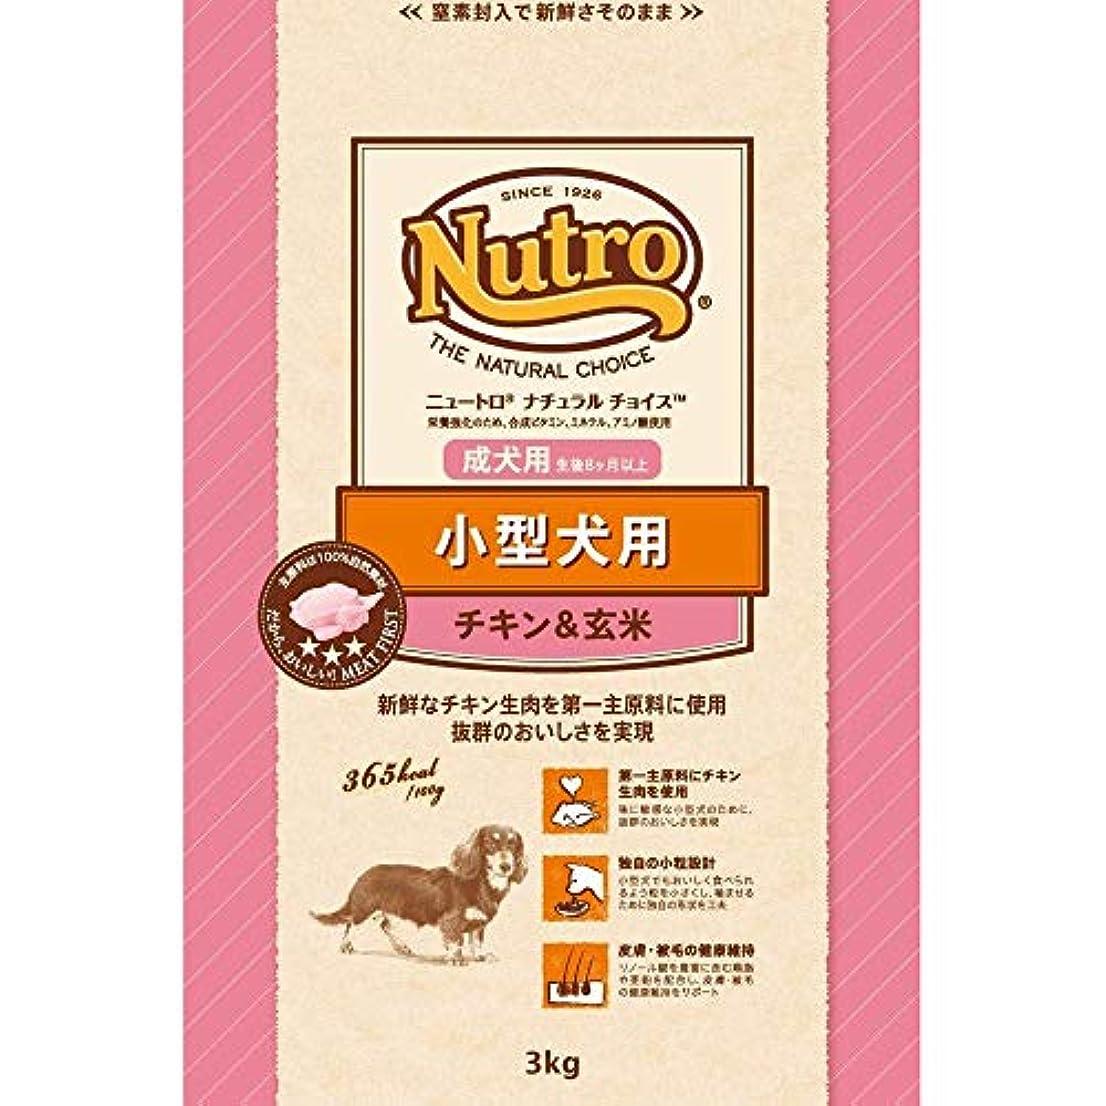 腰神話幸運なニュートロジャパン ナチュラルチョイス [小型犬用] 成犬用(生後8ヶ月以上) チキン&玄米 3kg